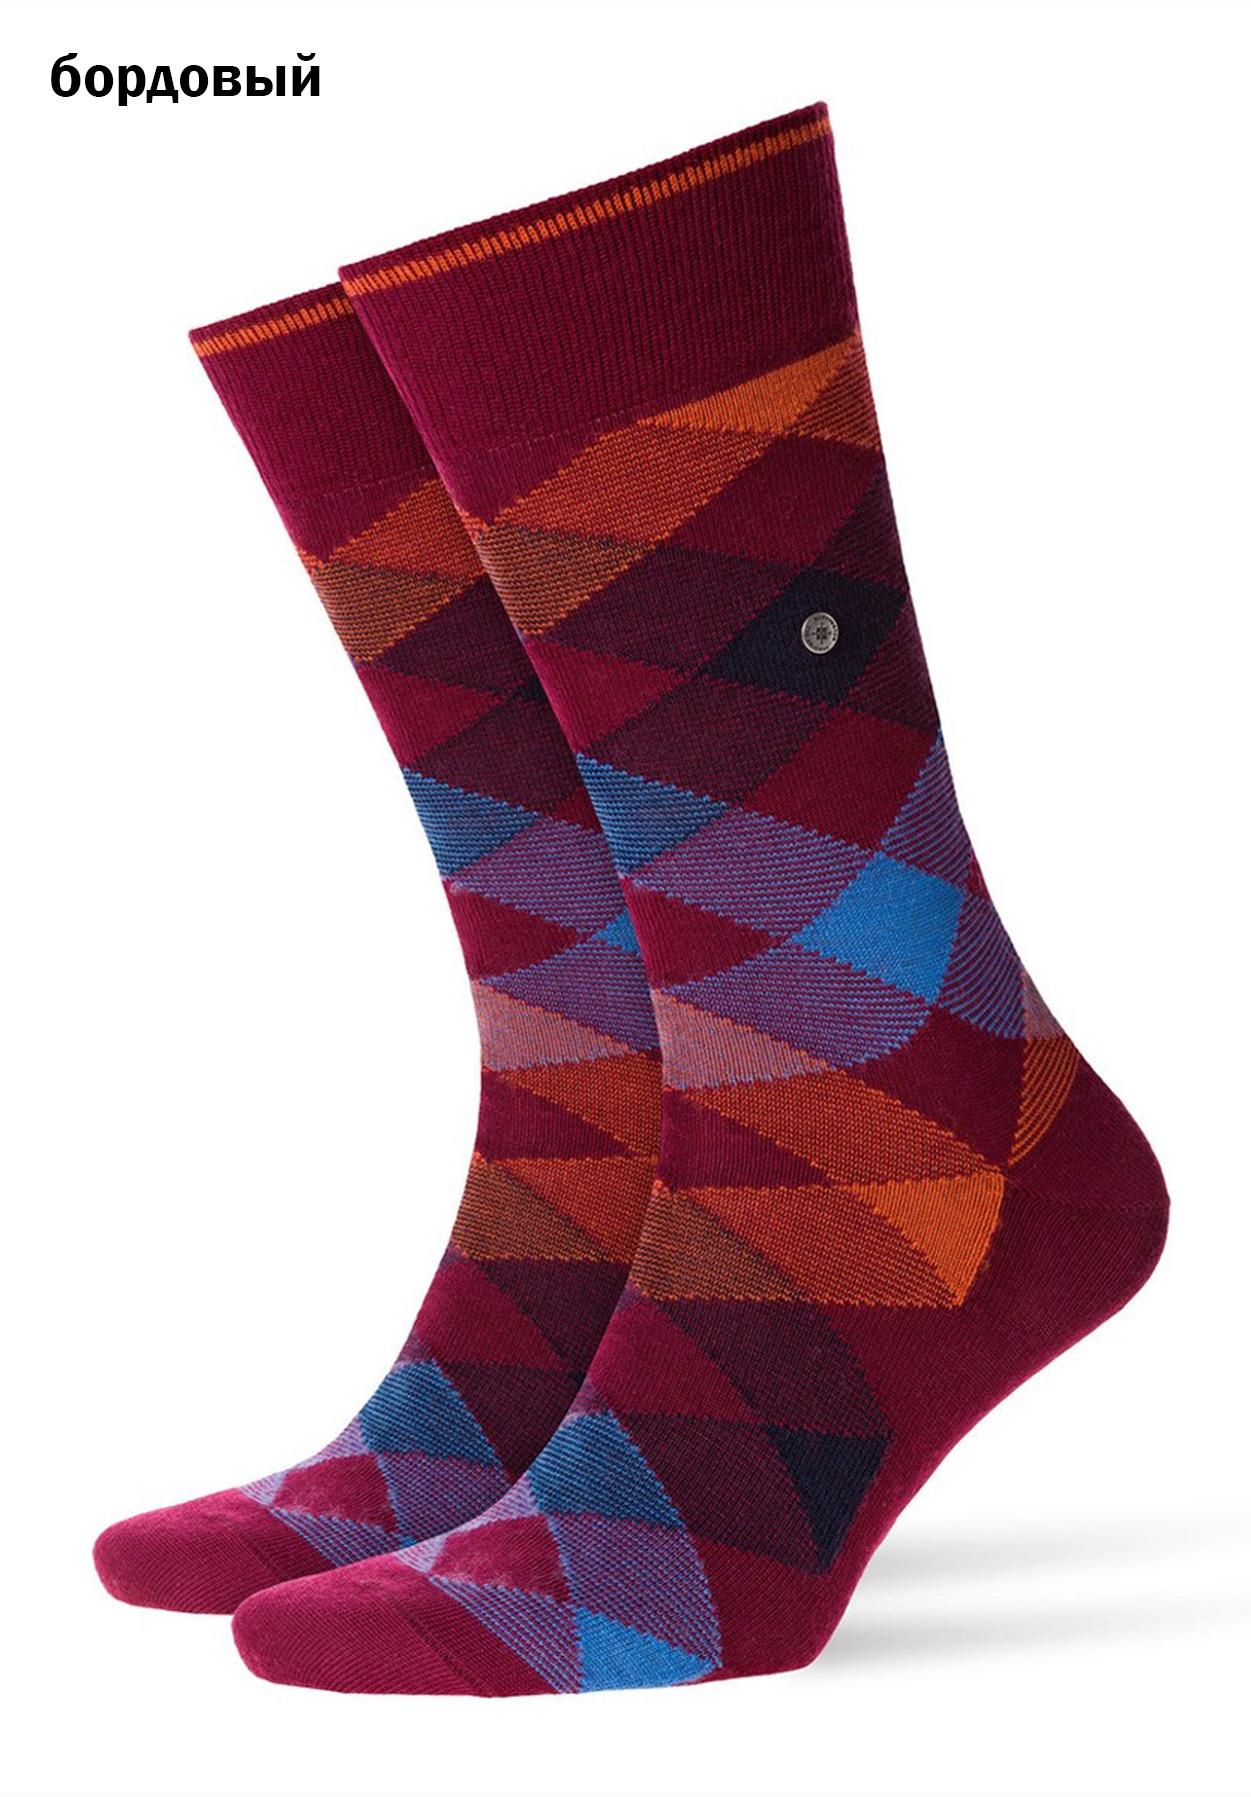 Шерстяные носки 21123 Newcastle Burlington